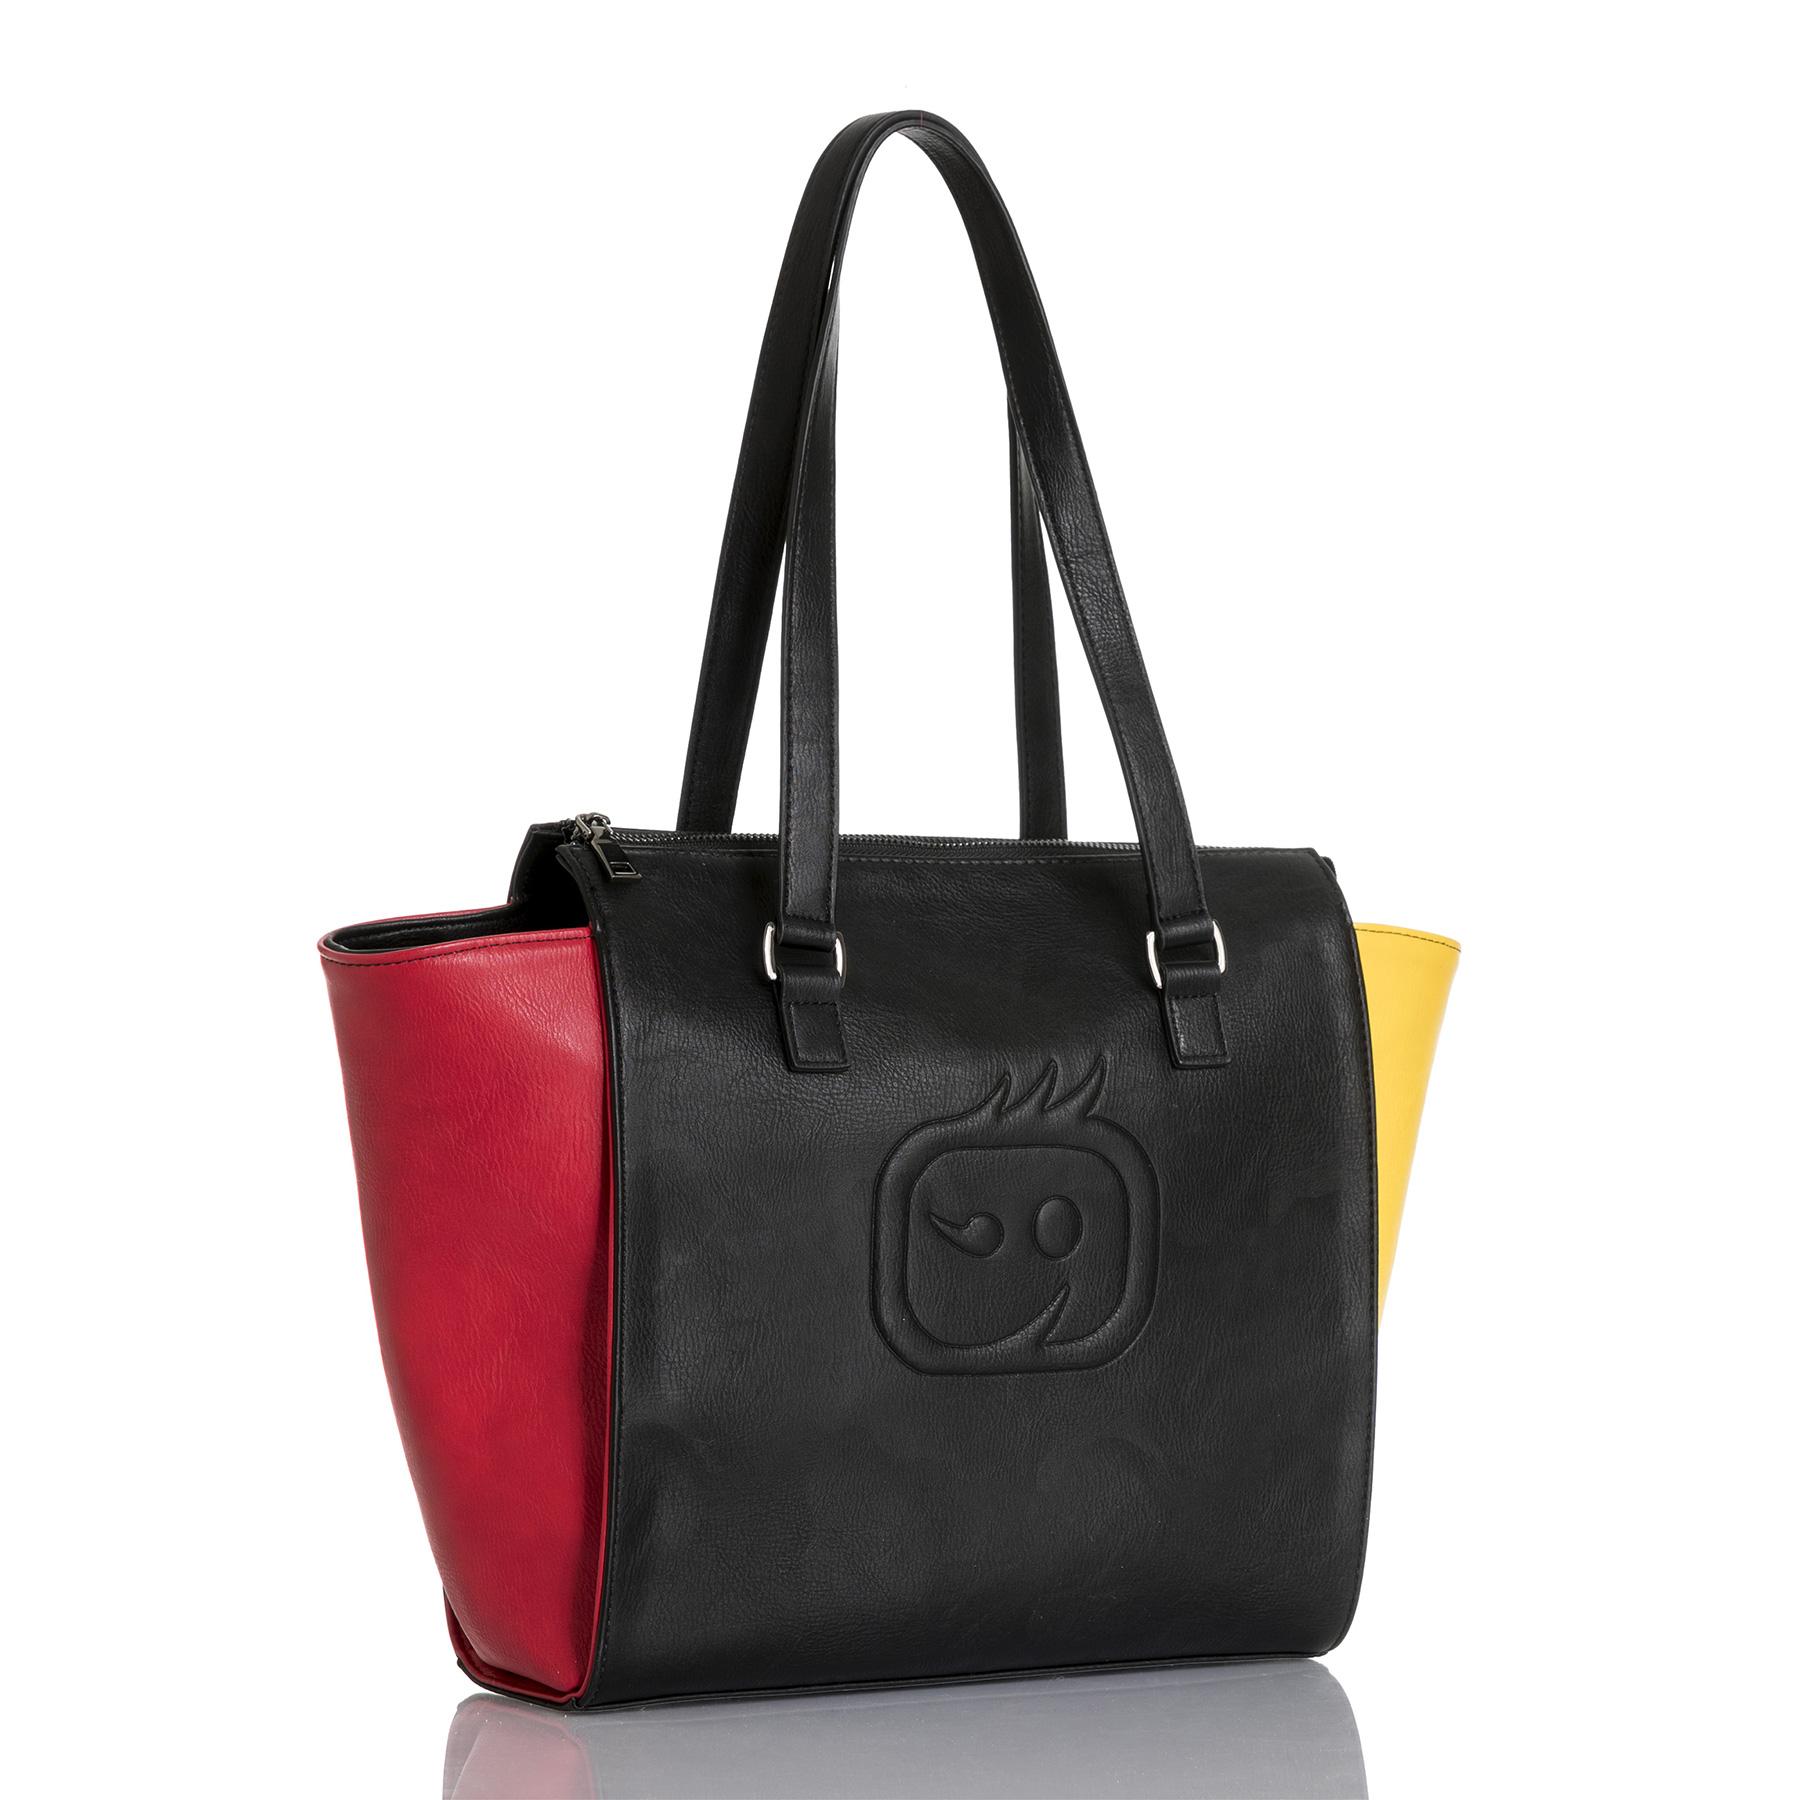 WonderWink Accessories Bags